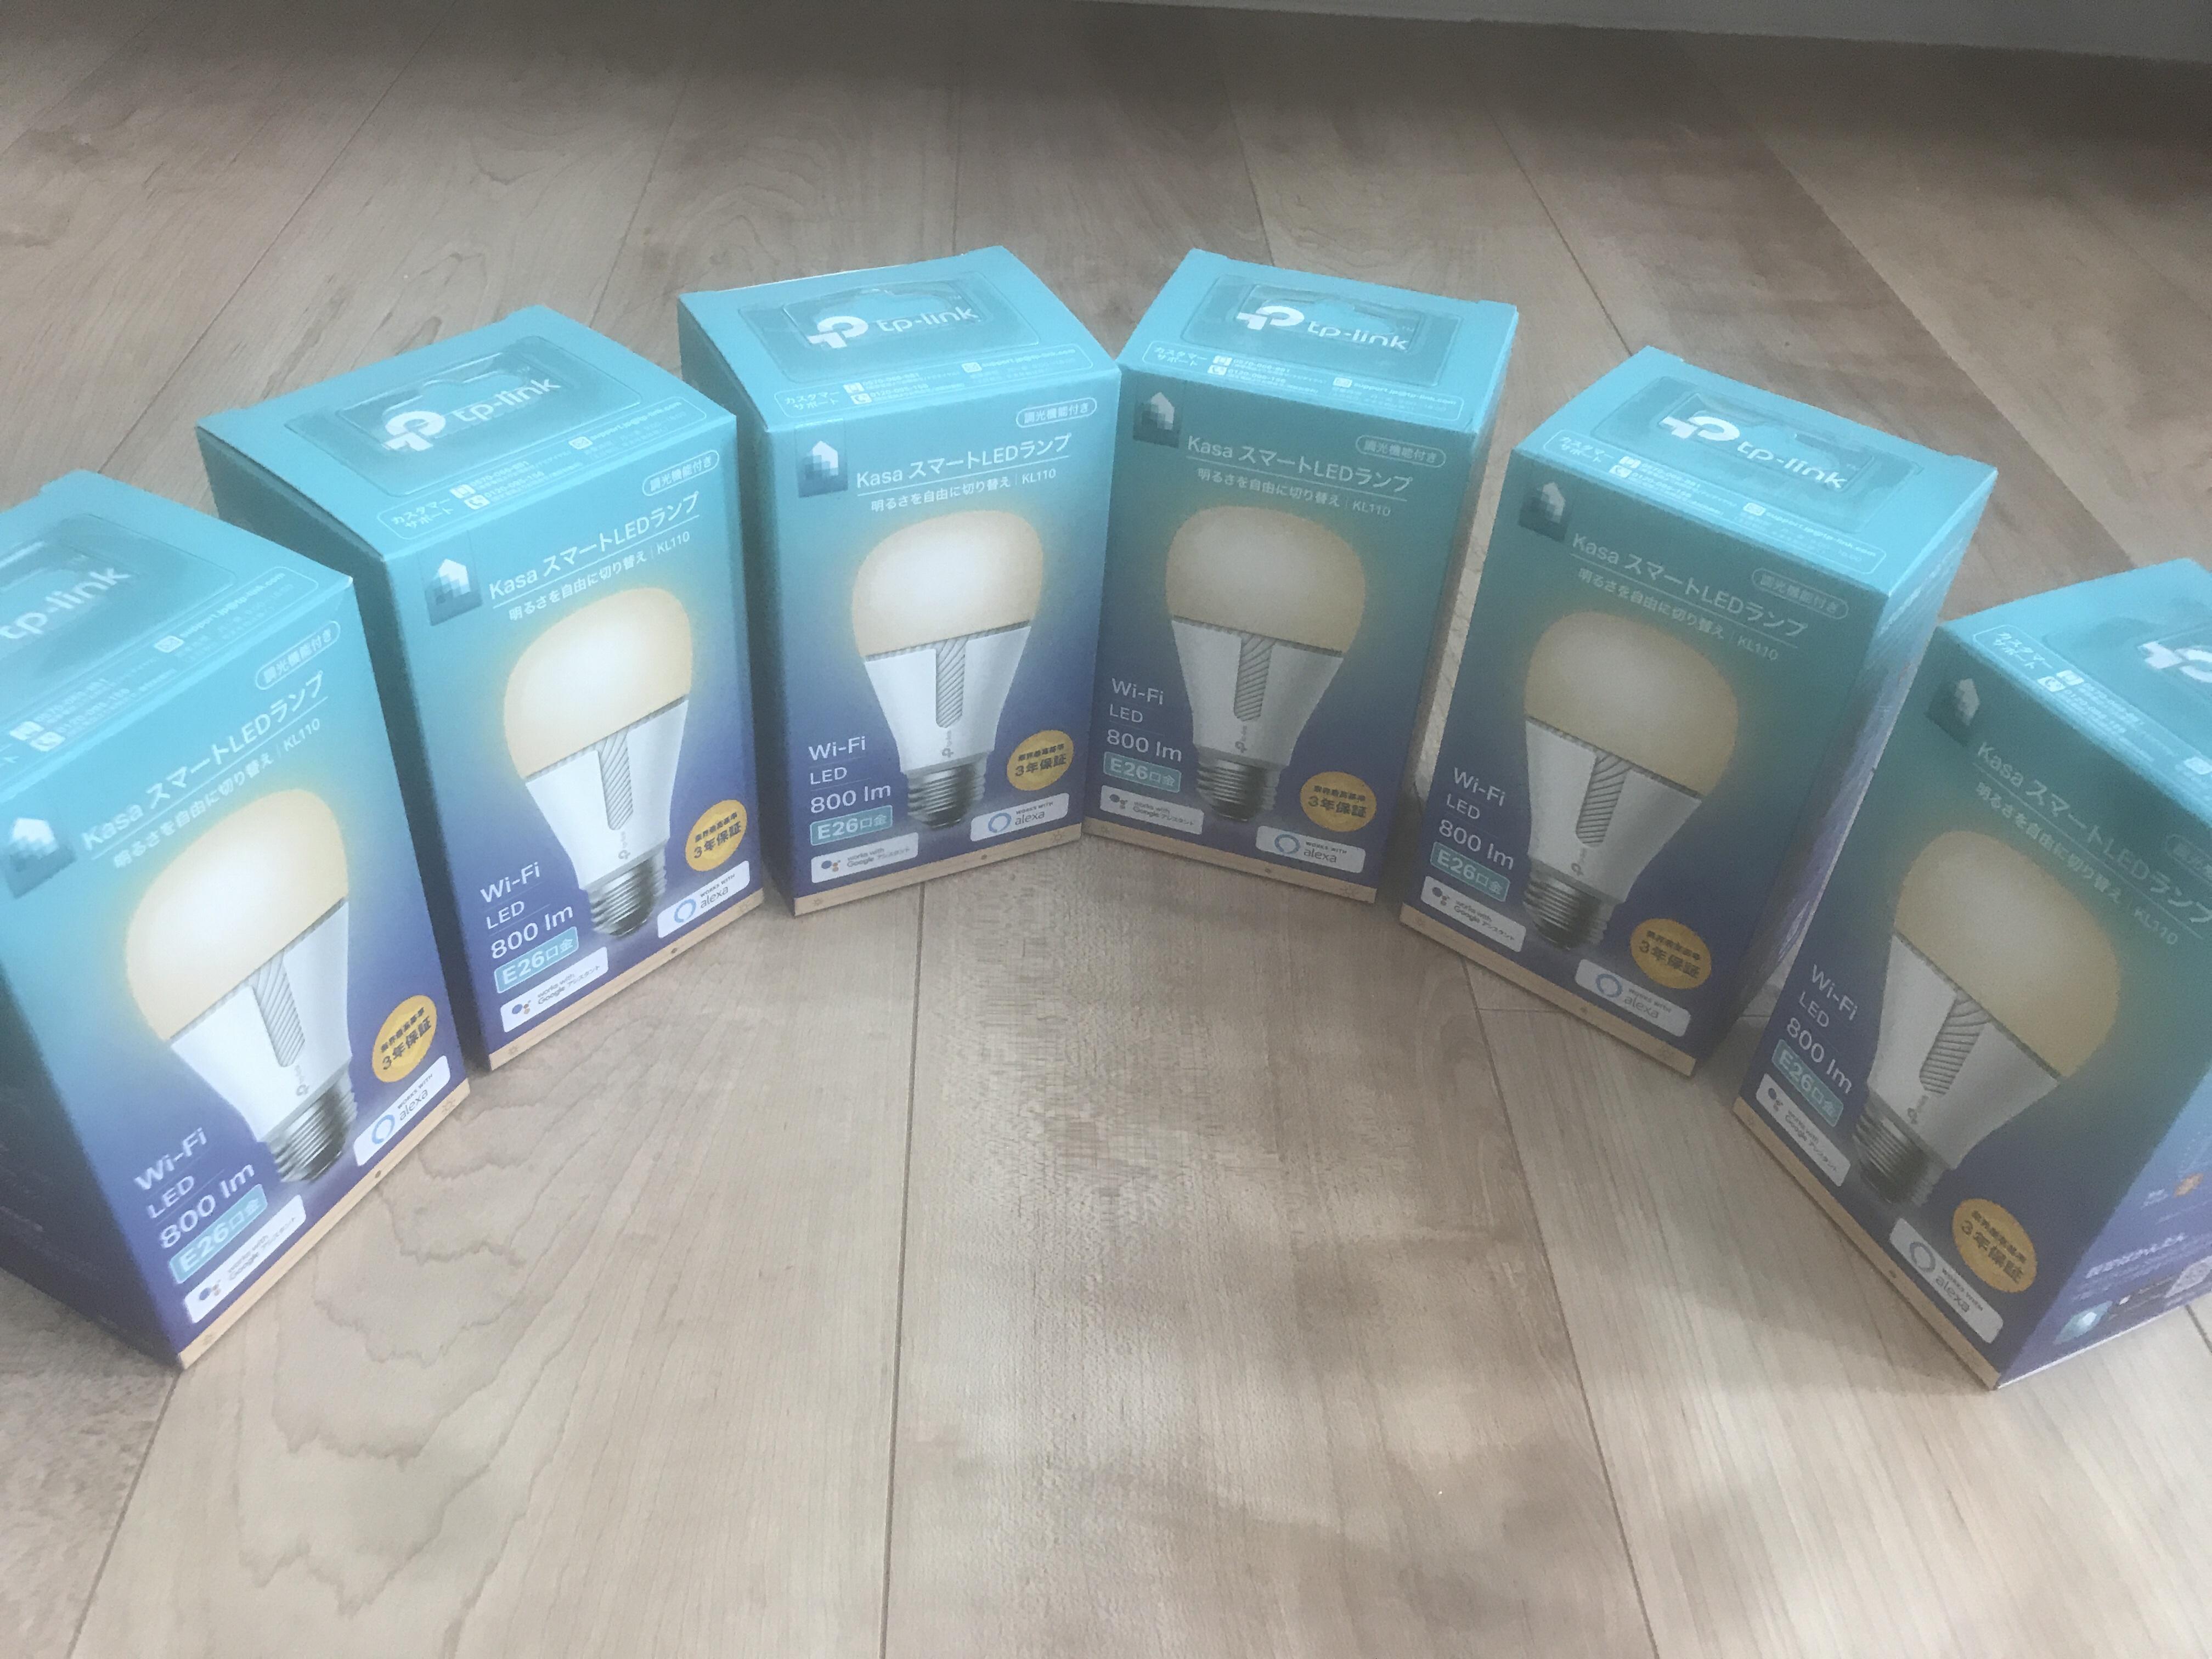 スマートライトの選び方。「TP-Link Kasa スマート LED ランプ」レビュー。